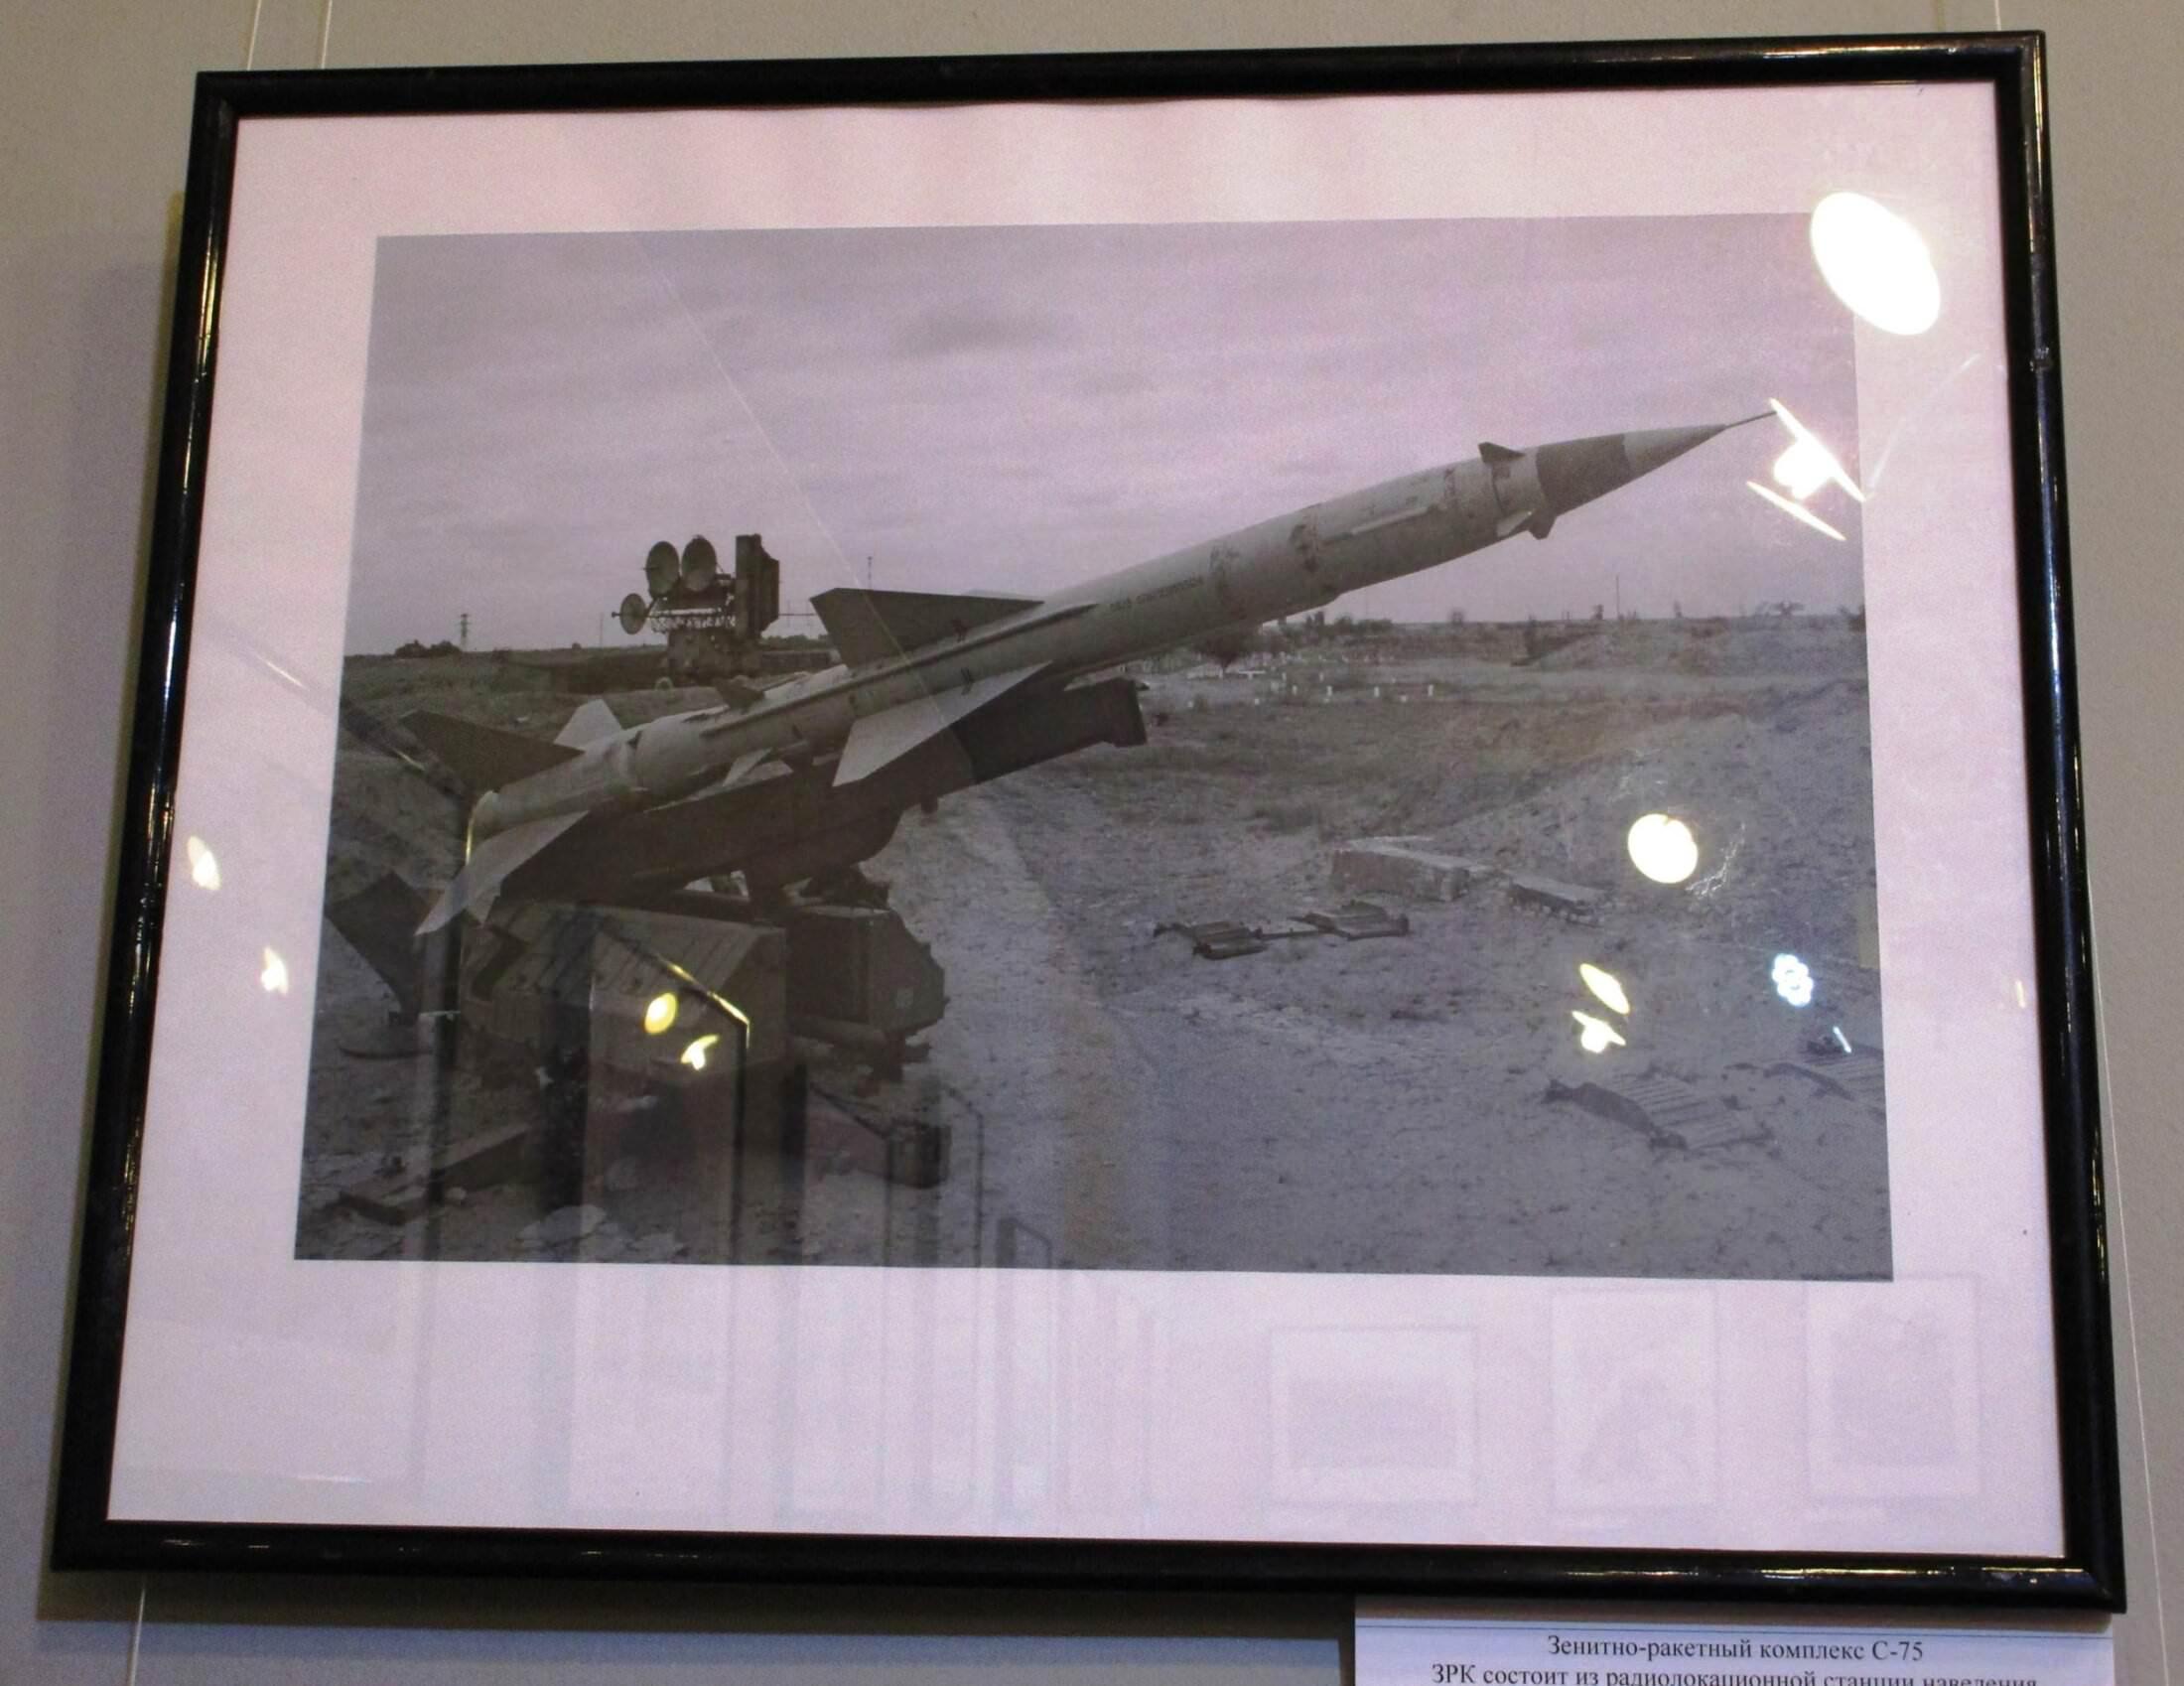 2016-10-27. Зенитно-ракетный комплекс С-75 (не Куба)